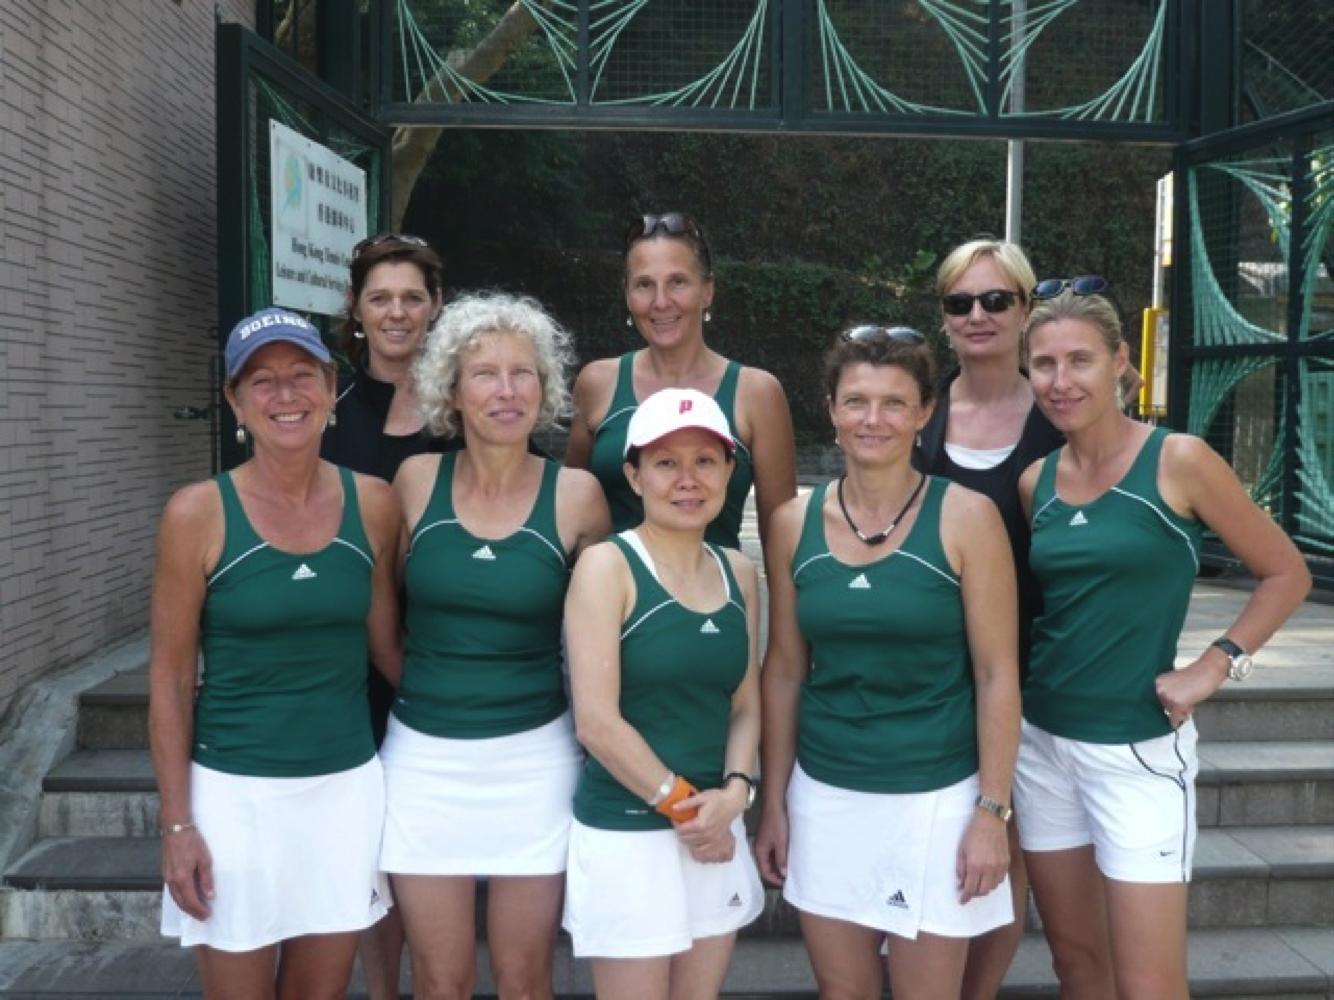 Congratulations to the Ladies League Teams